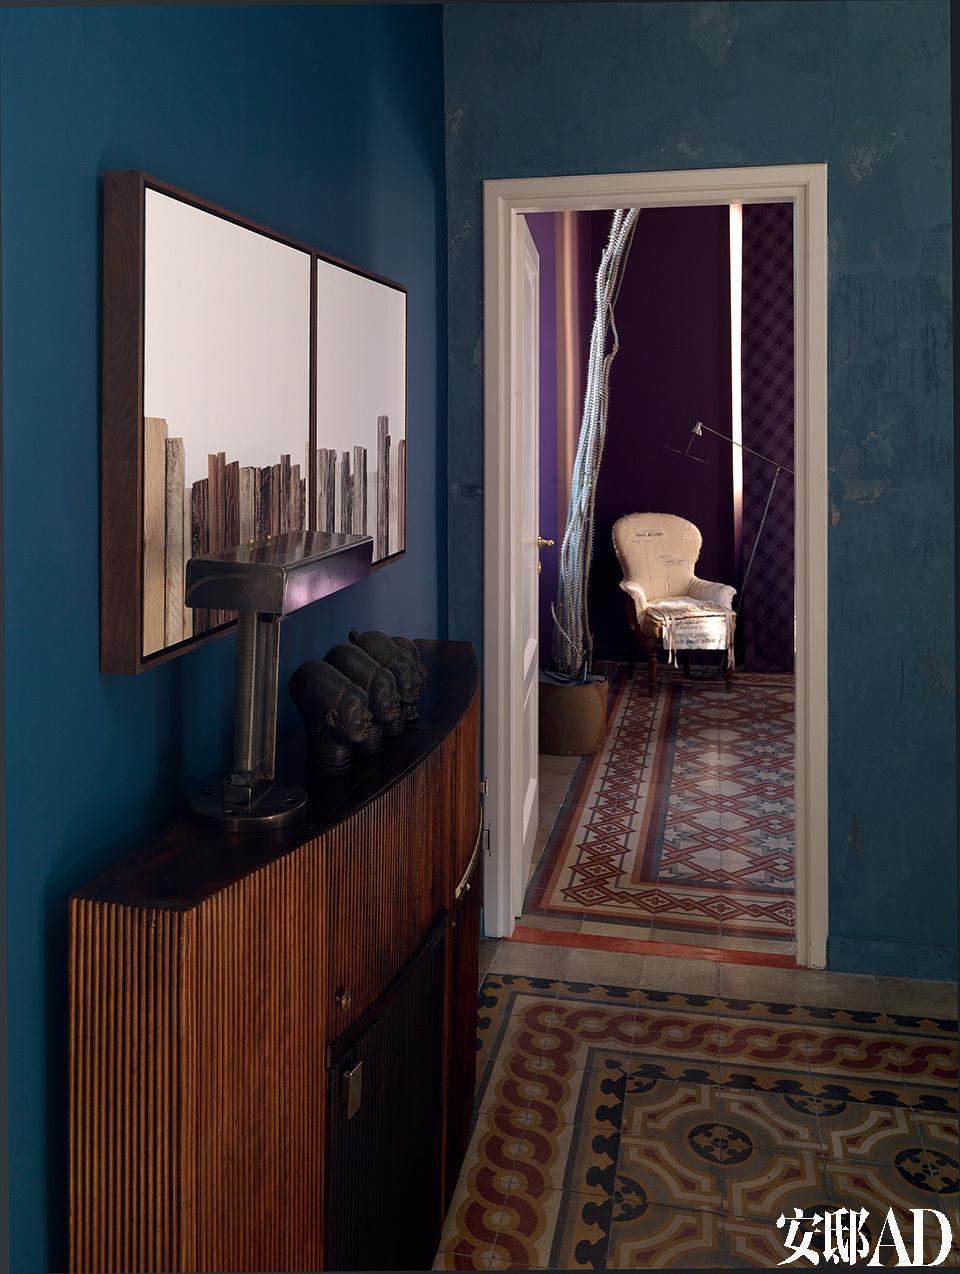 从客厅向卧室望去,质朴的地砖起到了非常关键的衔接作用,它也为墙面的用色提供了灵感。客厅木制抽屉柜上方的艺术品是由 Lorenzo Butti创作的,而柜子上摆放的台灯是Ugo Ambroggio的作品。